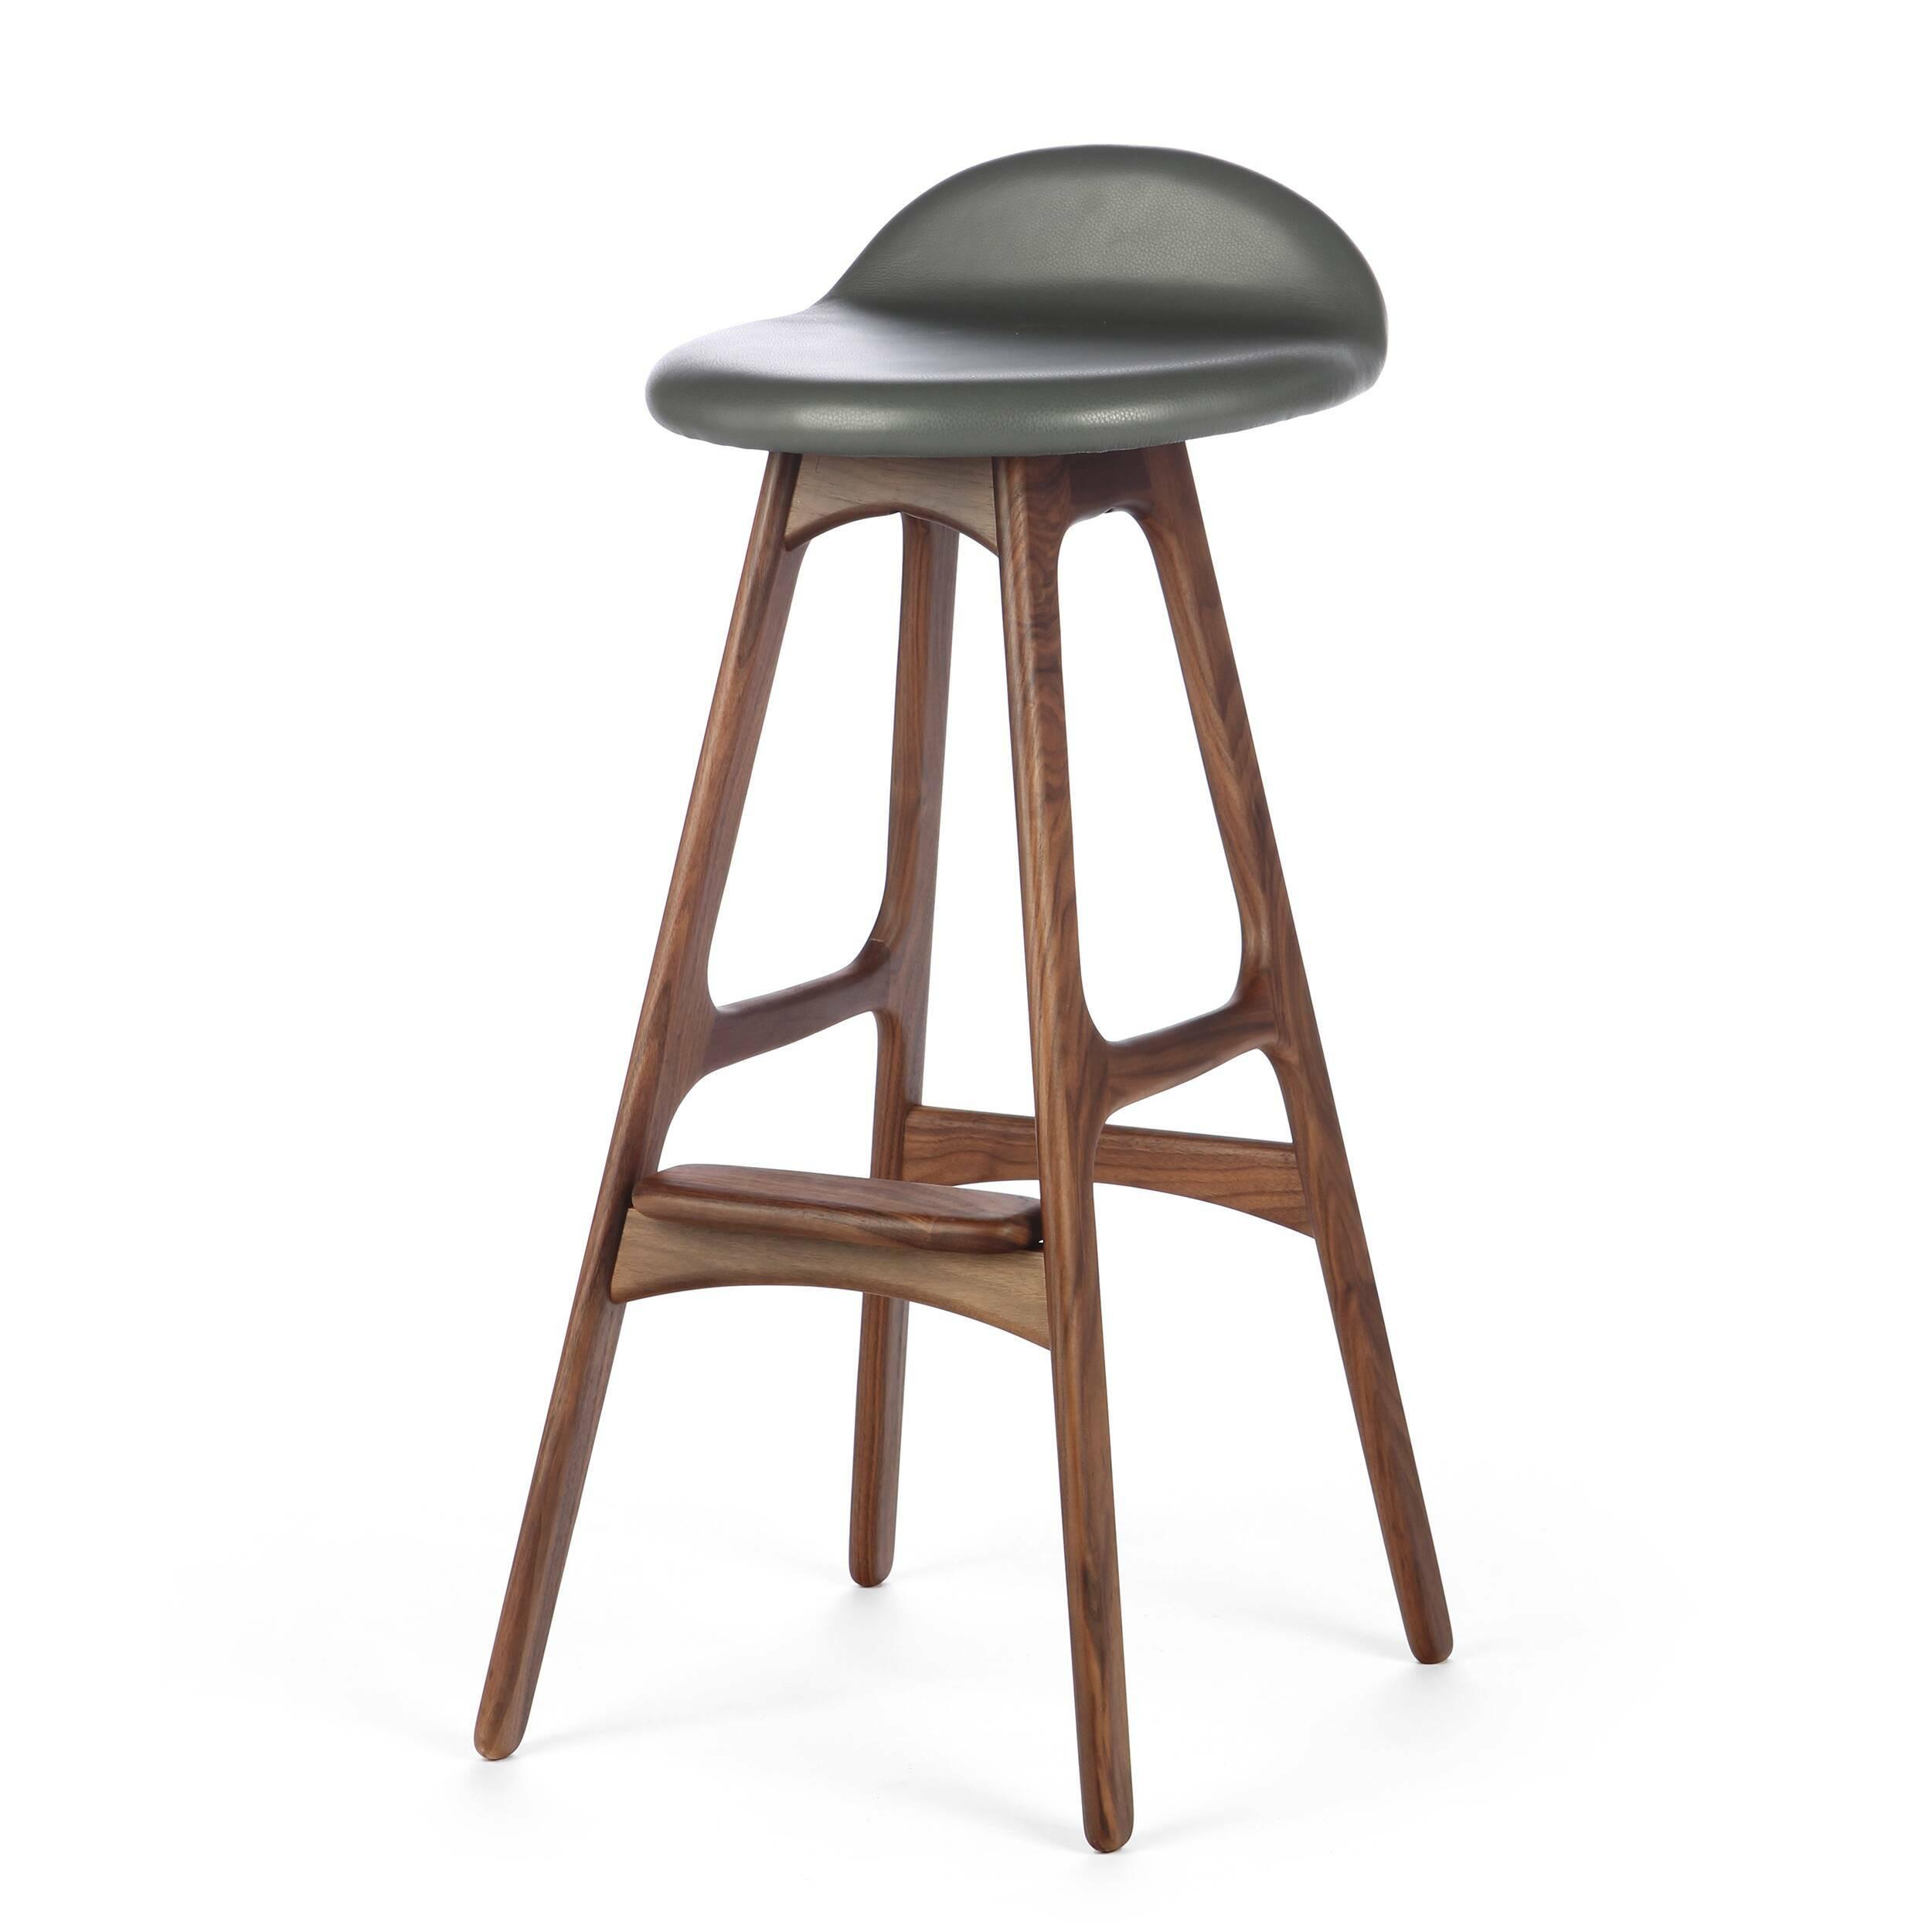 Барный стул Buch 2Полубарные<br>Мы говорим скандинавский модерн, подразумеваем целую плеяду дизайнеров-экспериментаторов, среди которых был и Эрик Бук. Мебель этого датчанина с 1957 года занимает прочные позиции в истории дизайна благодаря минималистичным обтекаемым формам, натуральным материалам — дереву, ткани и коже, практичности и функциональности.<br><br><br> Поклонников модного нынче экологичного образа жизни, да и просто любителей завтраков и ужинов на траве, наверняка привлечет знаменитый барный стул Buch 2. Он появи...<br><br>stock: 17<br>Высота: 75,5<br>Высота сиденья: 65<br>Ширина: 40<br>Глубина: 45<br>Цвет ножек: Орех<br>Материал ножек: Массив ореха<br>Цвет сидения: Темно-серый<br>Тип материала сидения: Кожа<br>Коллекция ткани: Harry Leather<br>Тип материала ножек: Дерево